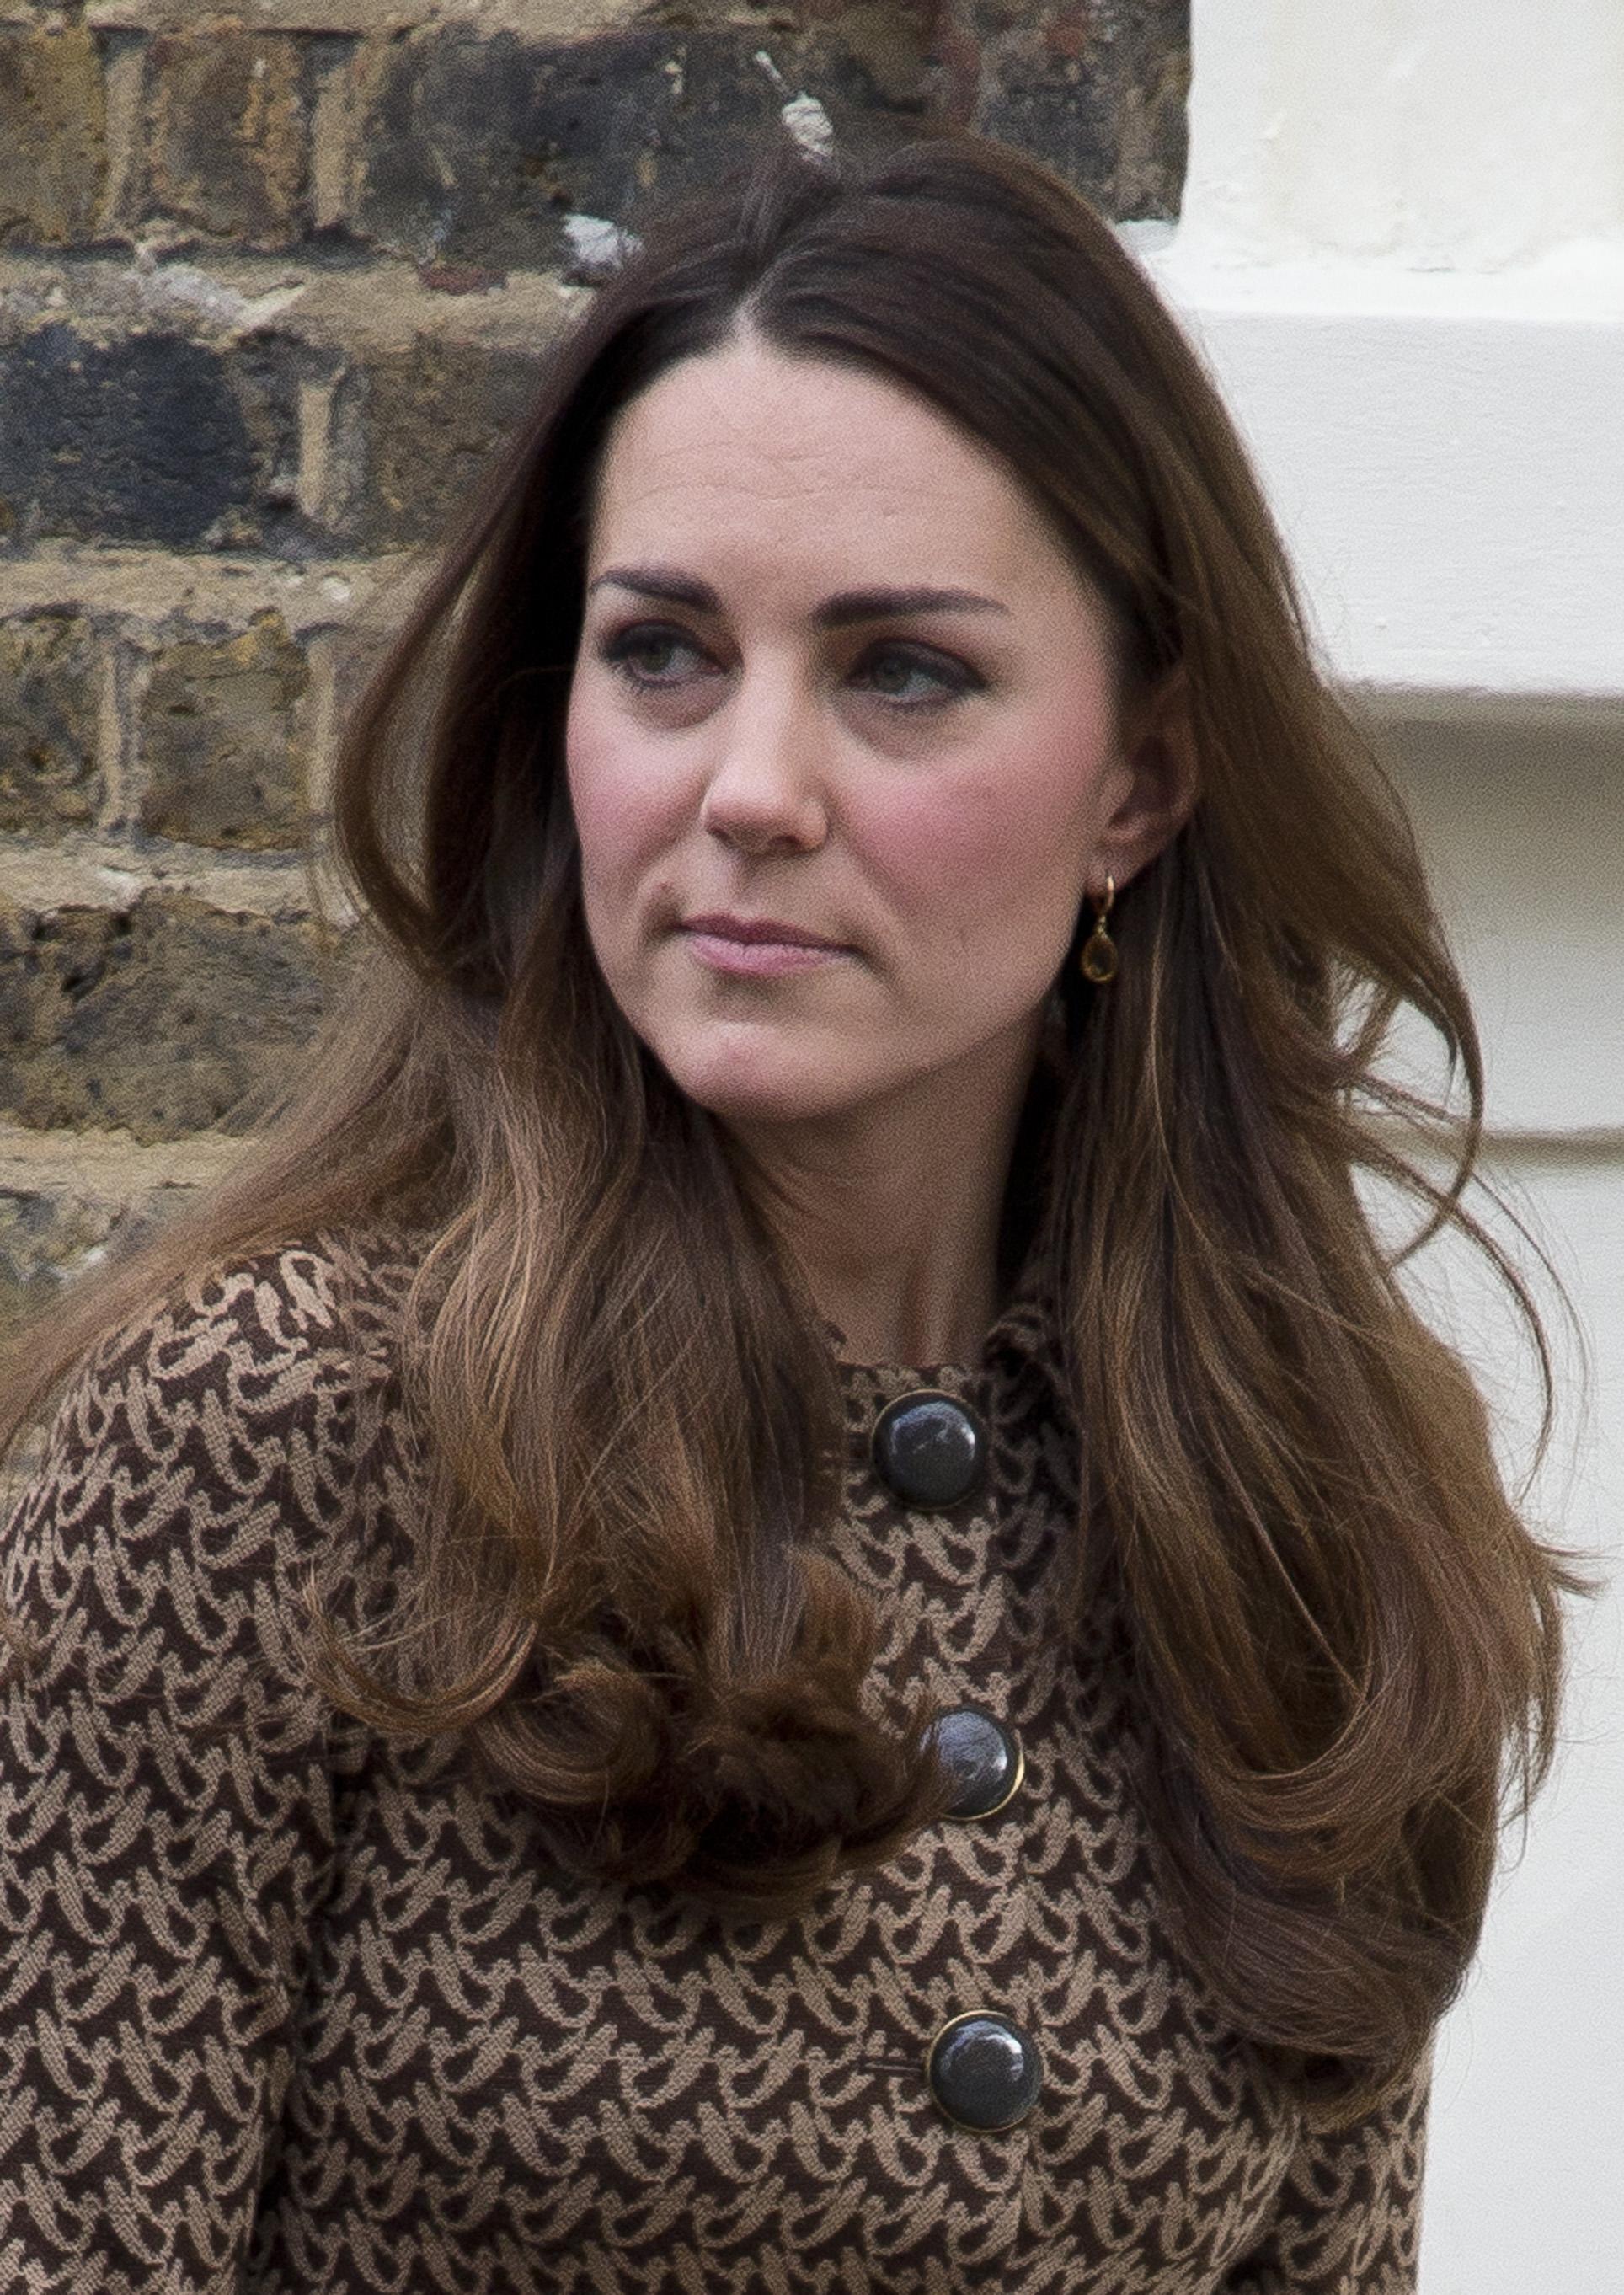 Кейт Миддлтон вновь надела старое пальто